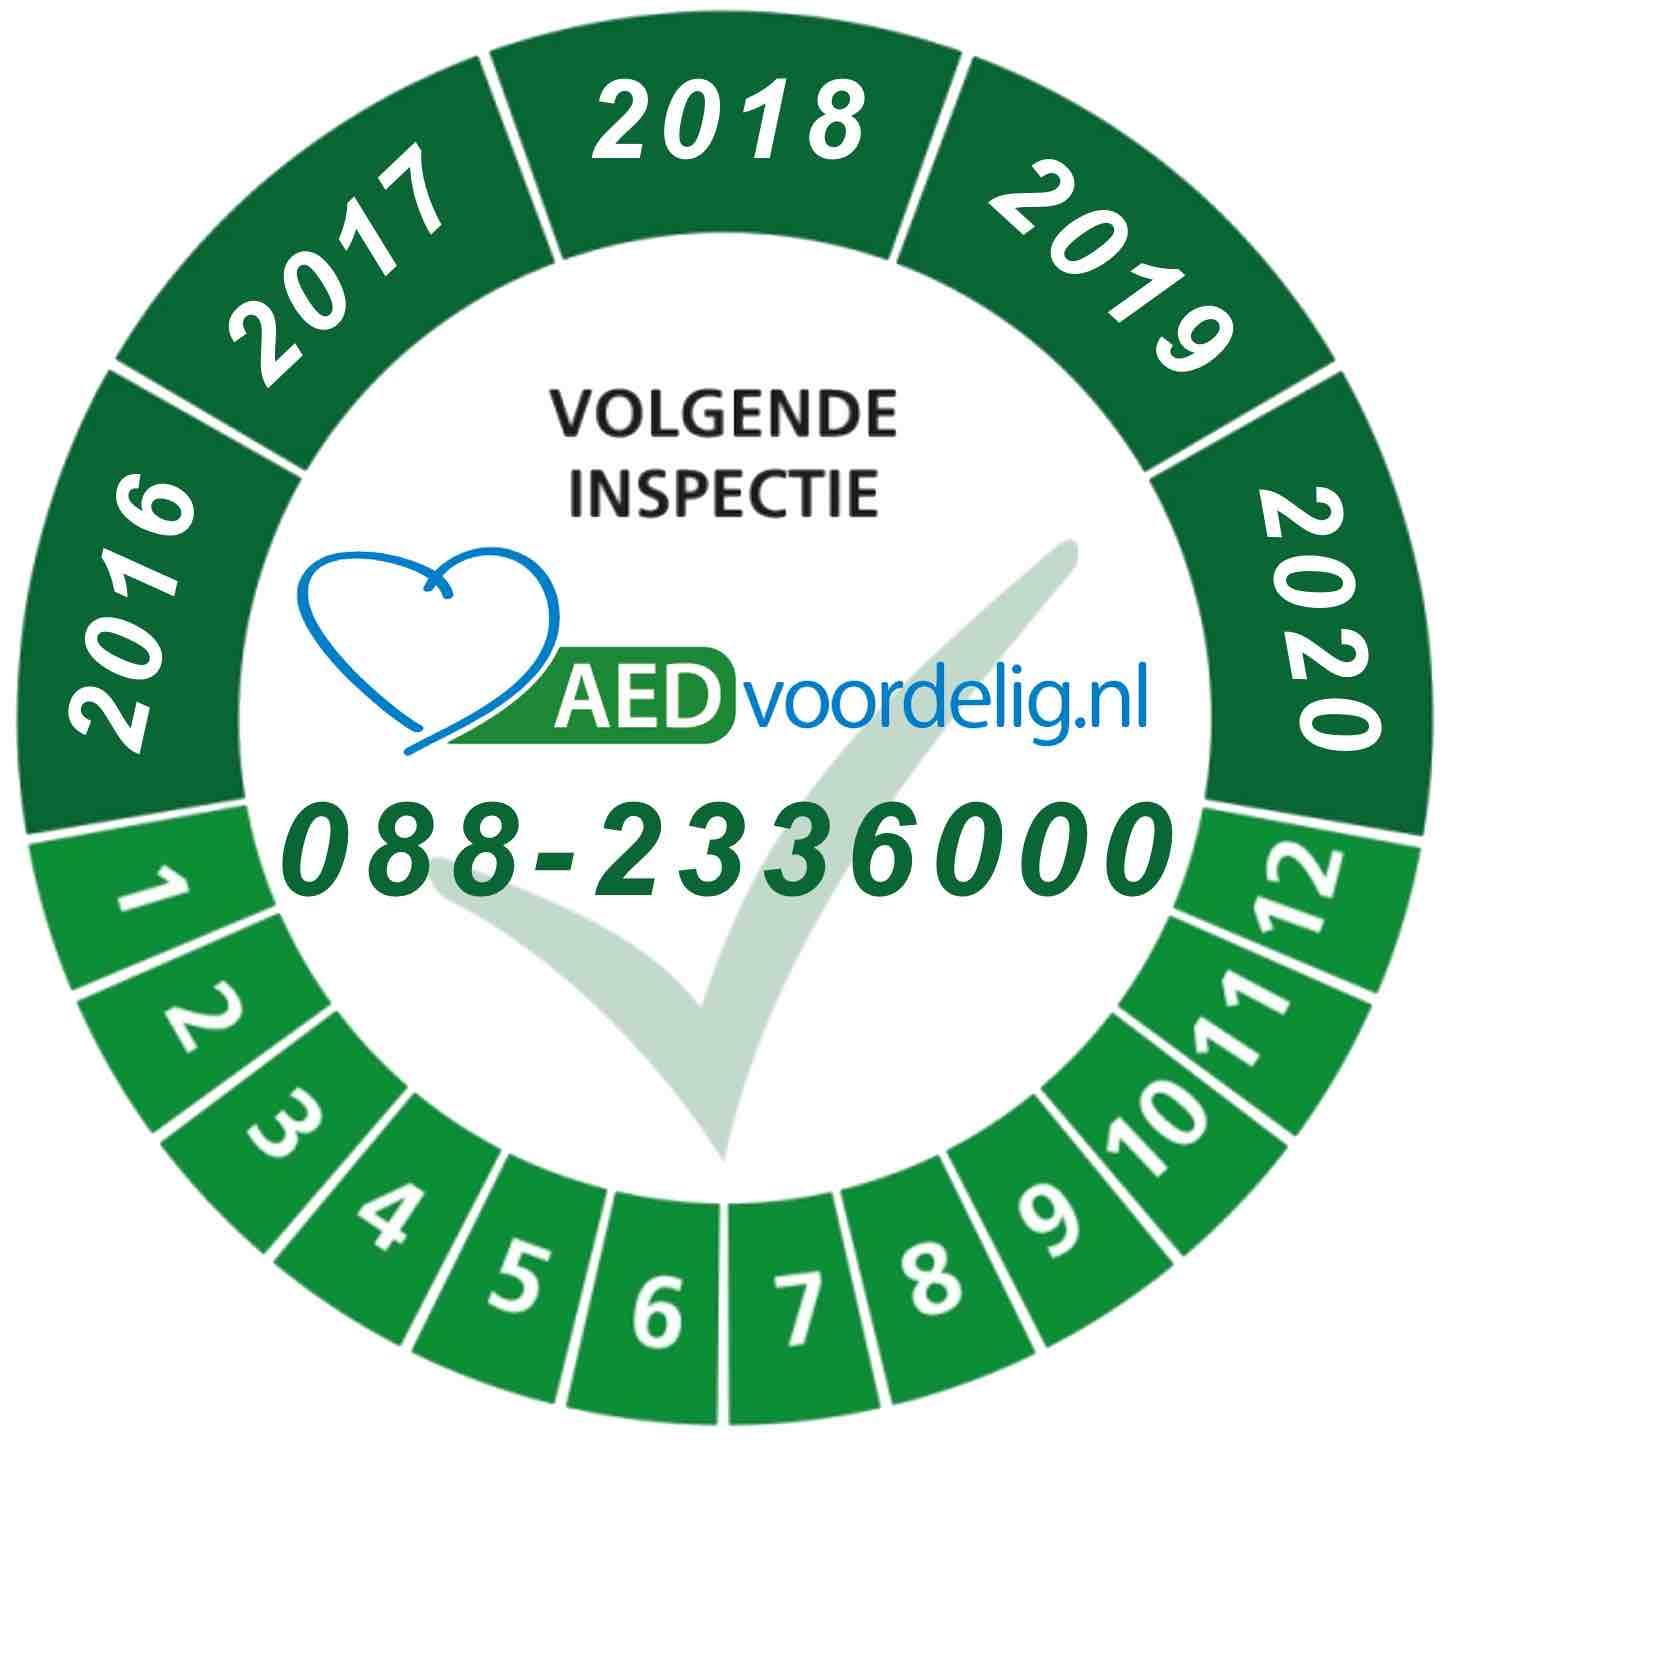 AED jaarlijkse controle